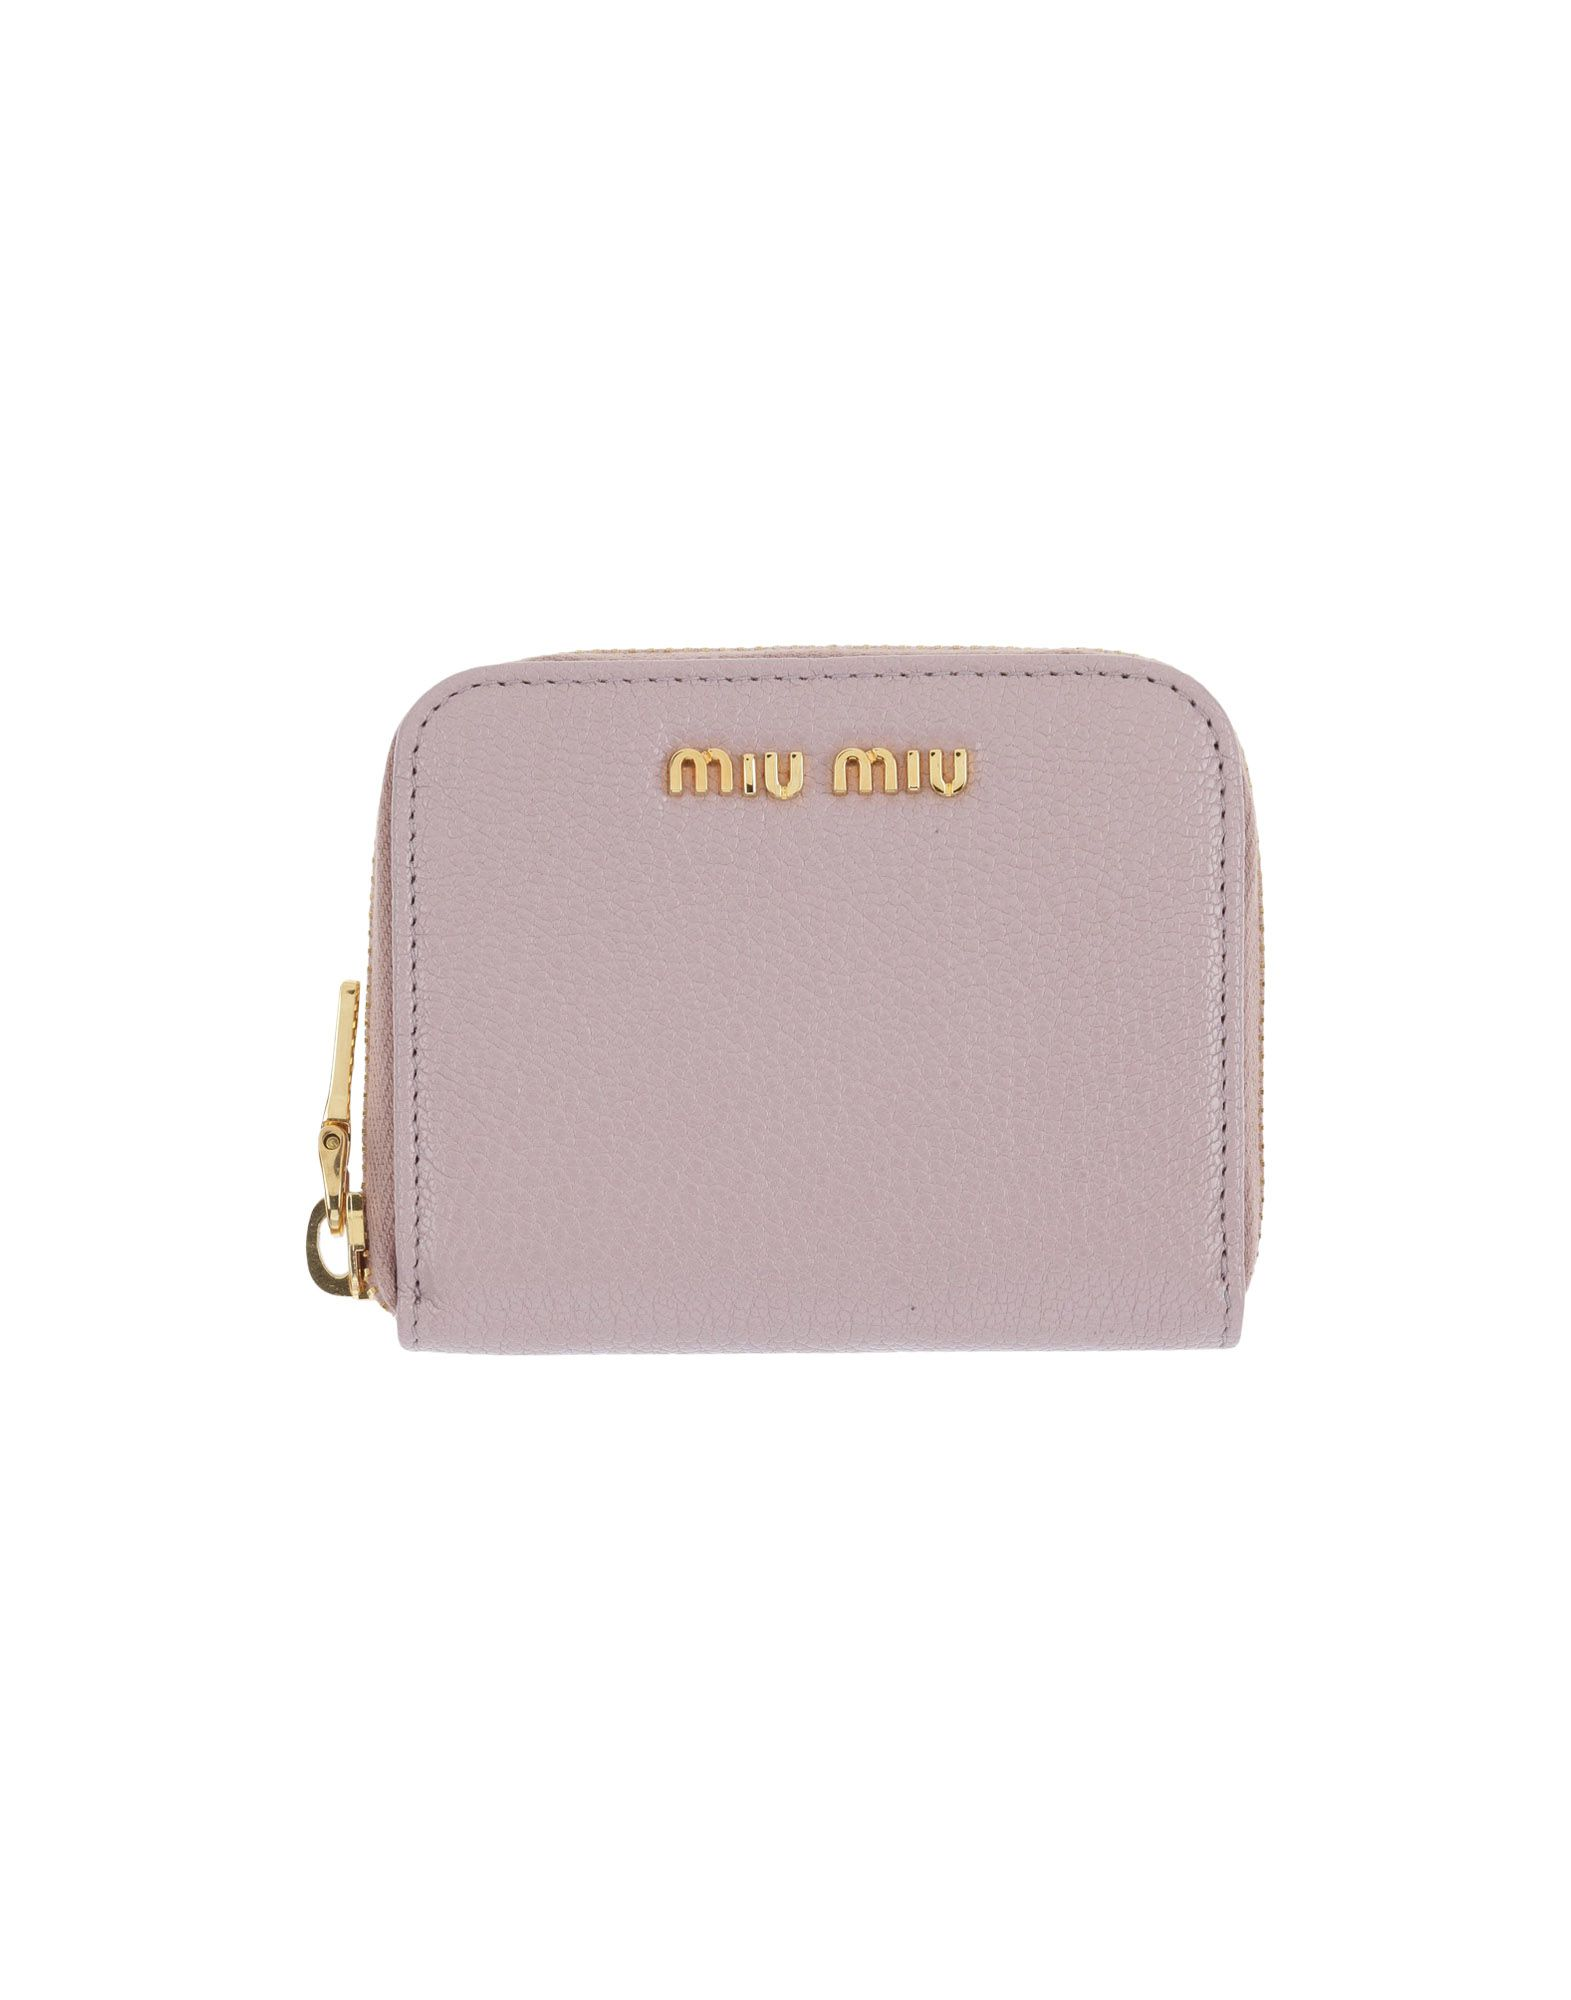 MIU MIU Кошелек для монет pink dandelion design кожа pu откидной крышки кошелек для карты держатель для samsung j5prime